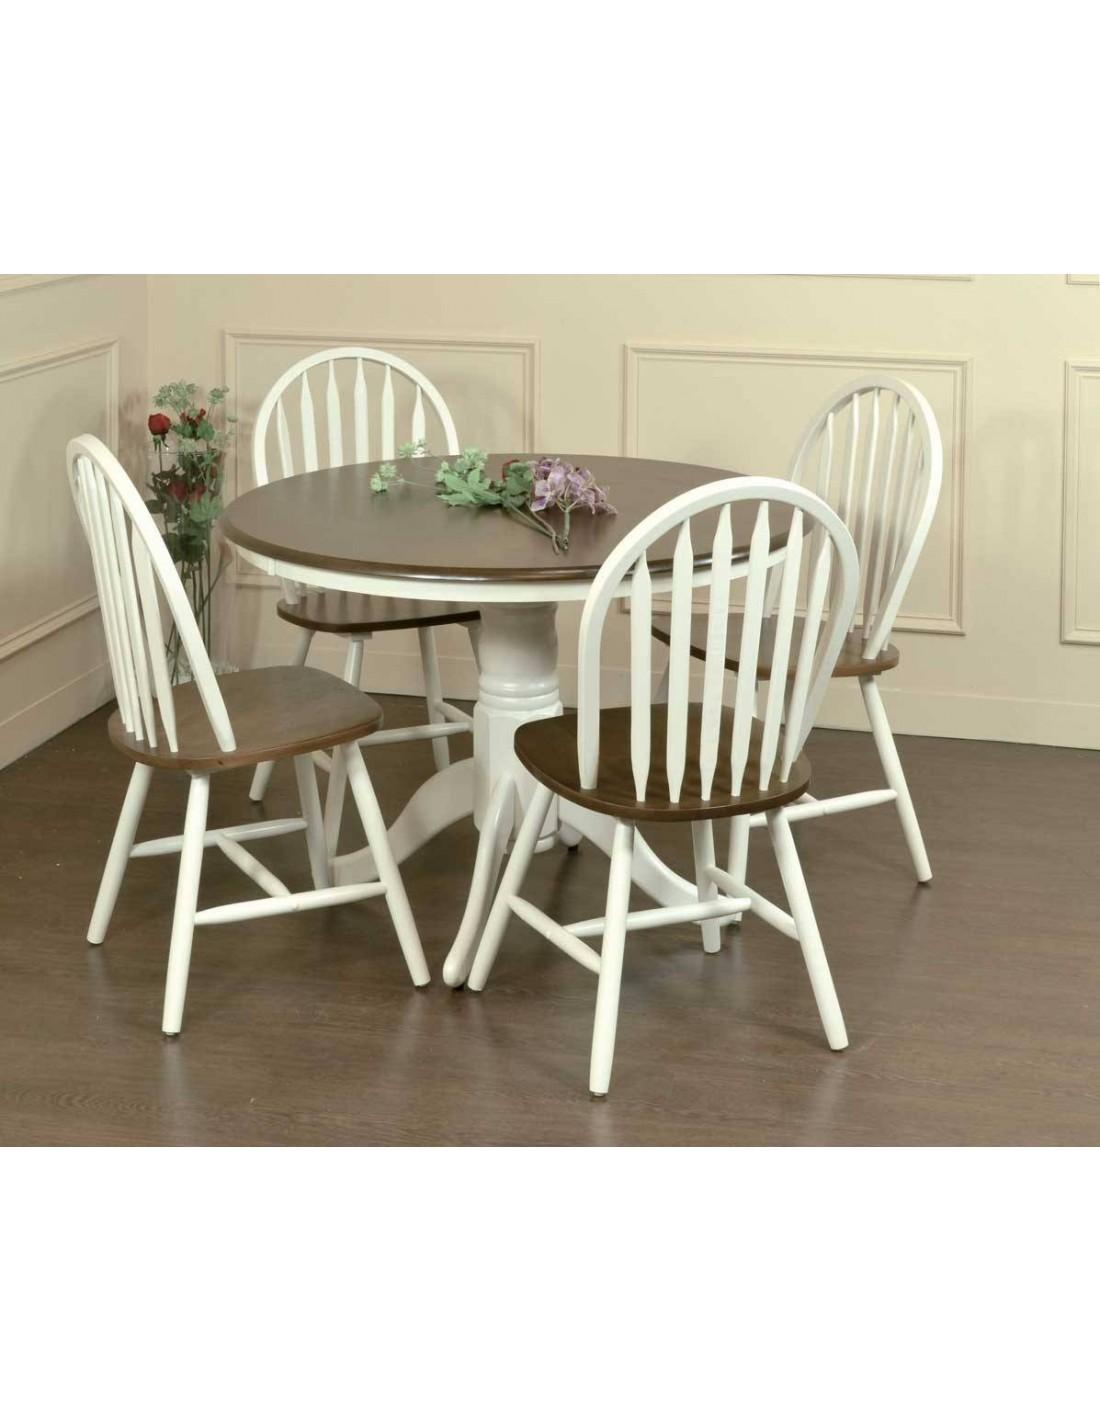 Mesa de comedor blanco y nogal windsor de estilo